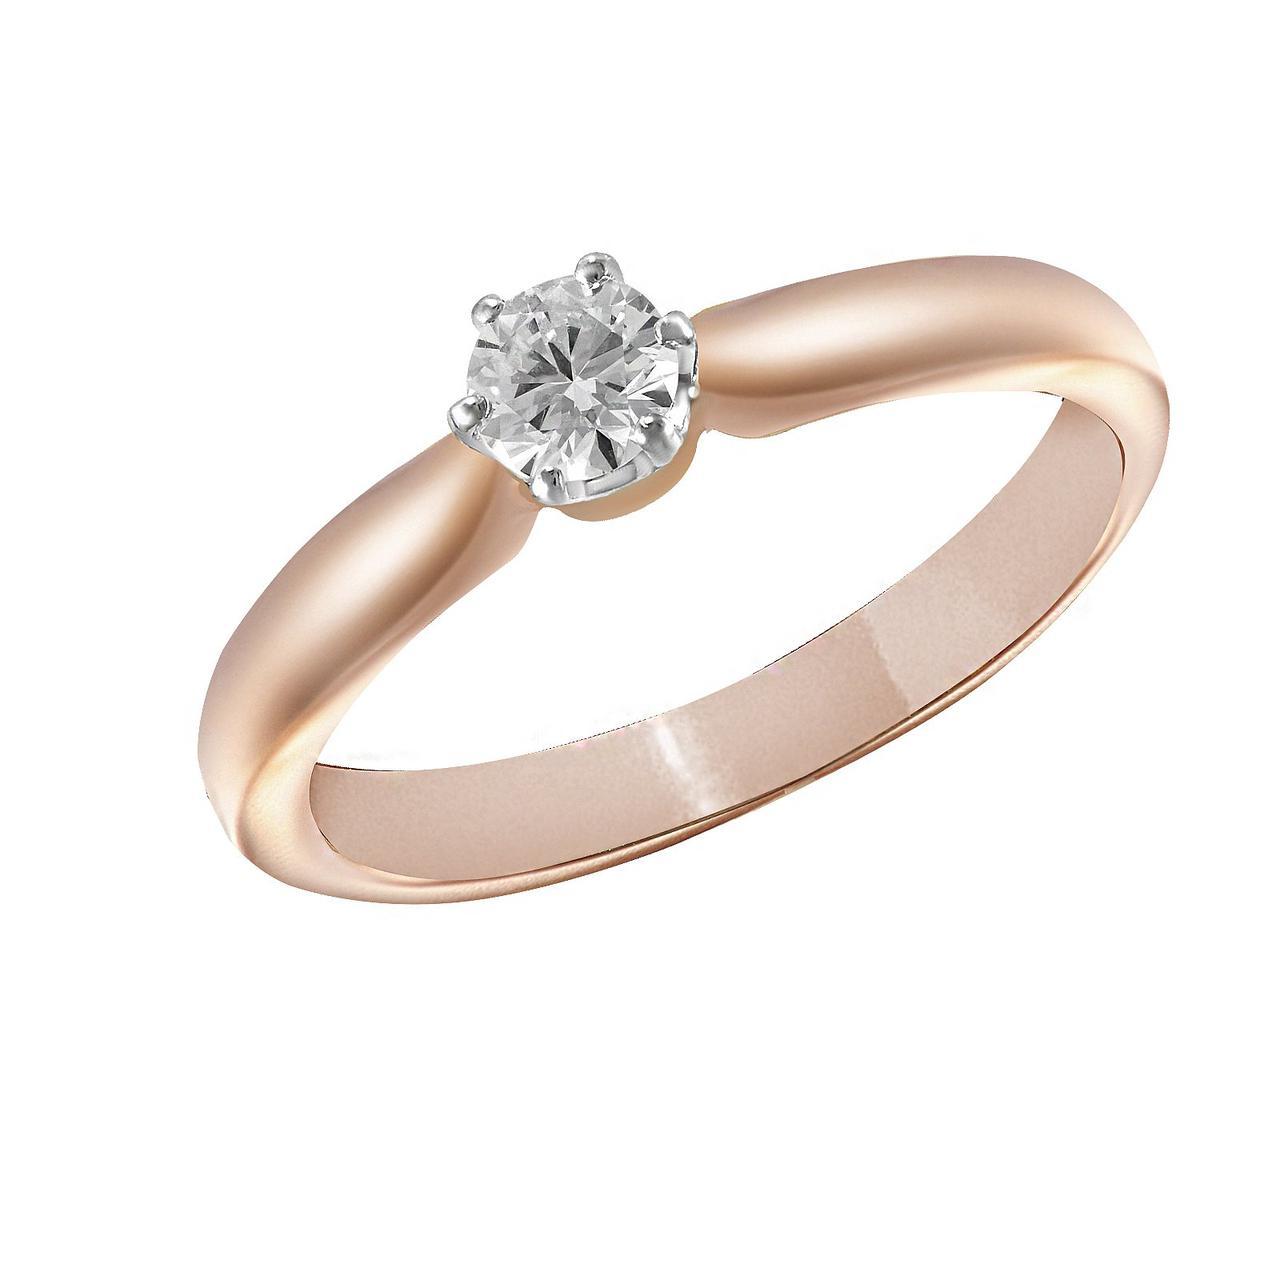 Кольцо из красного золота с бриллиантом, размер 15 (092146)